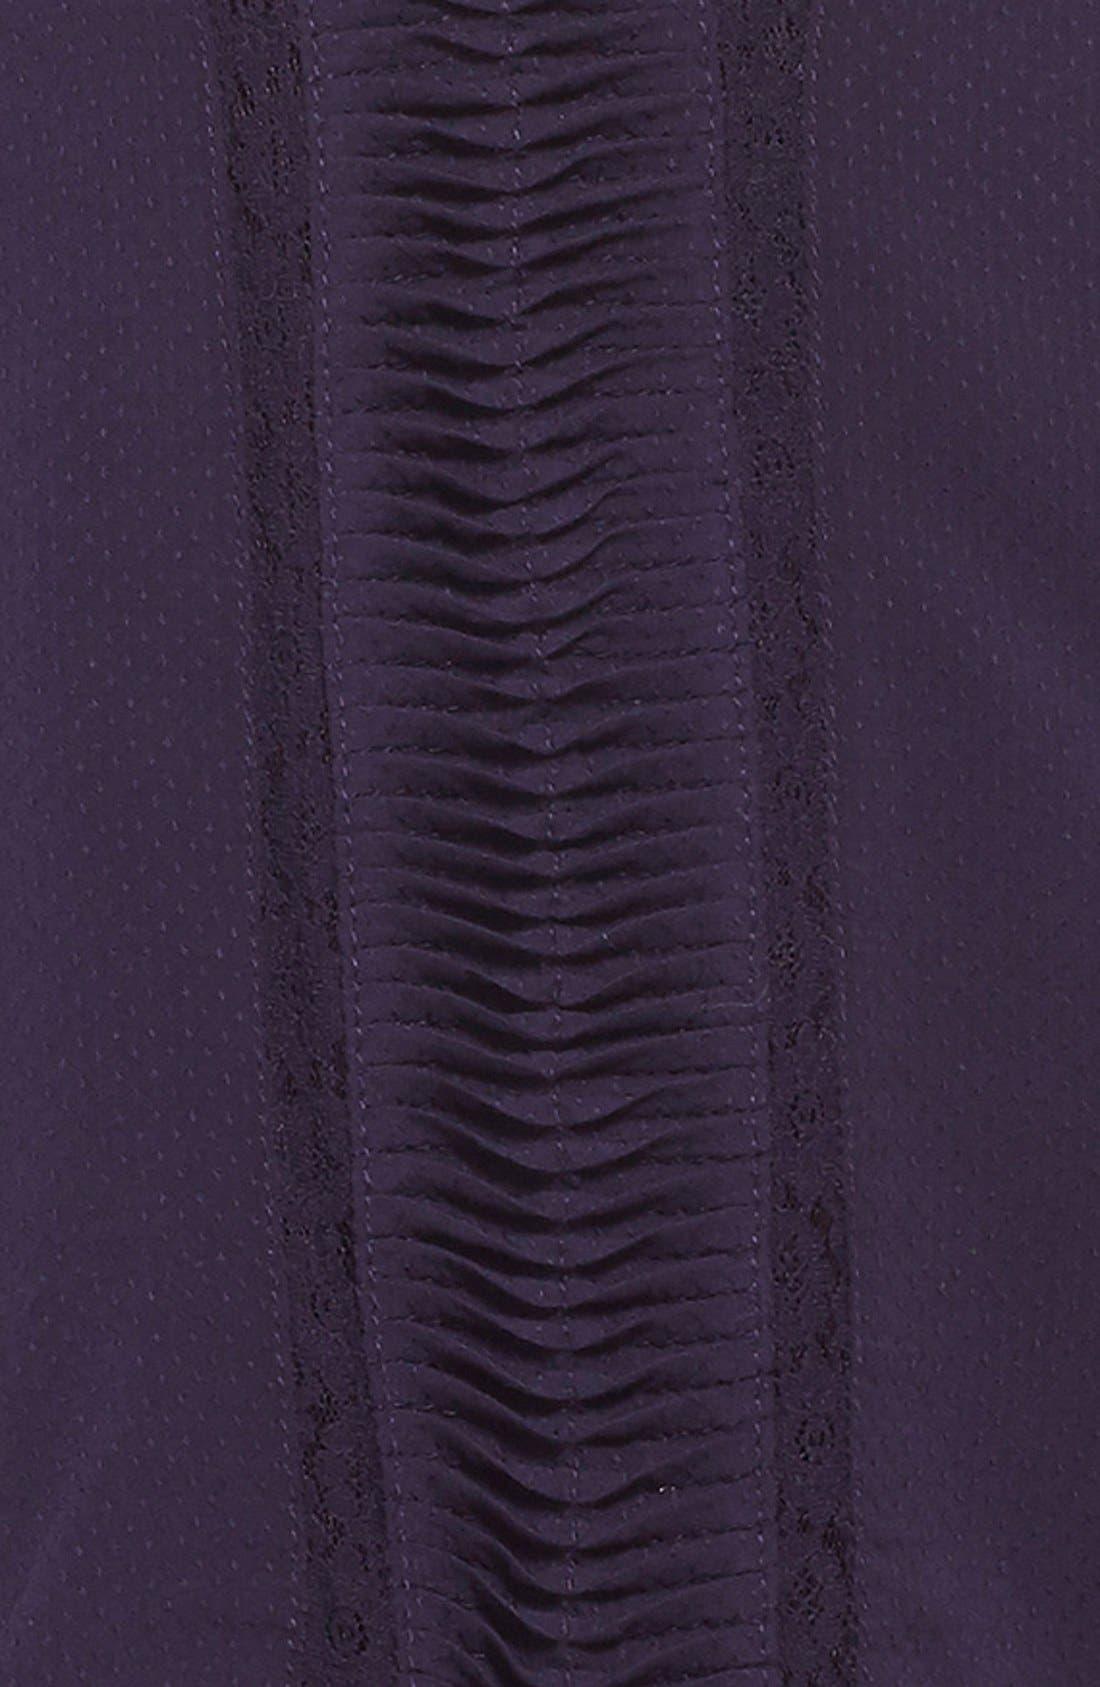 'Kali' Sleeveless Popover Dress,                             Alternate thumbnail 3, color,                             Navy